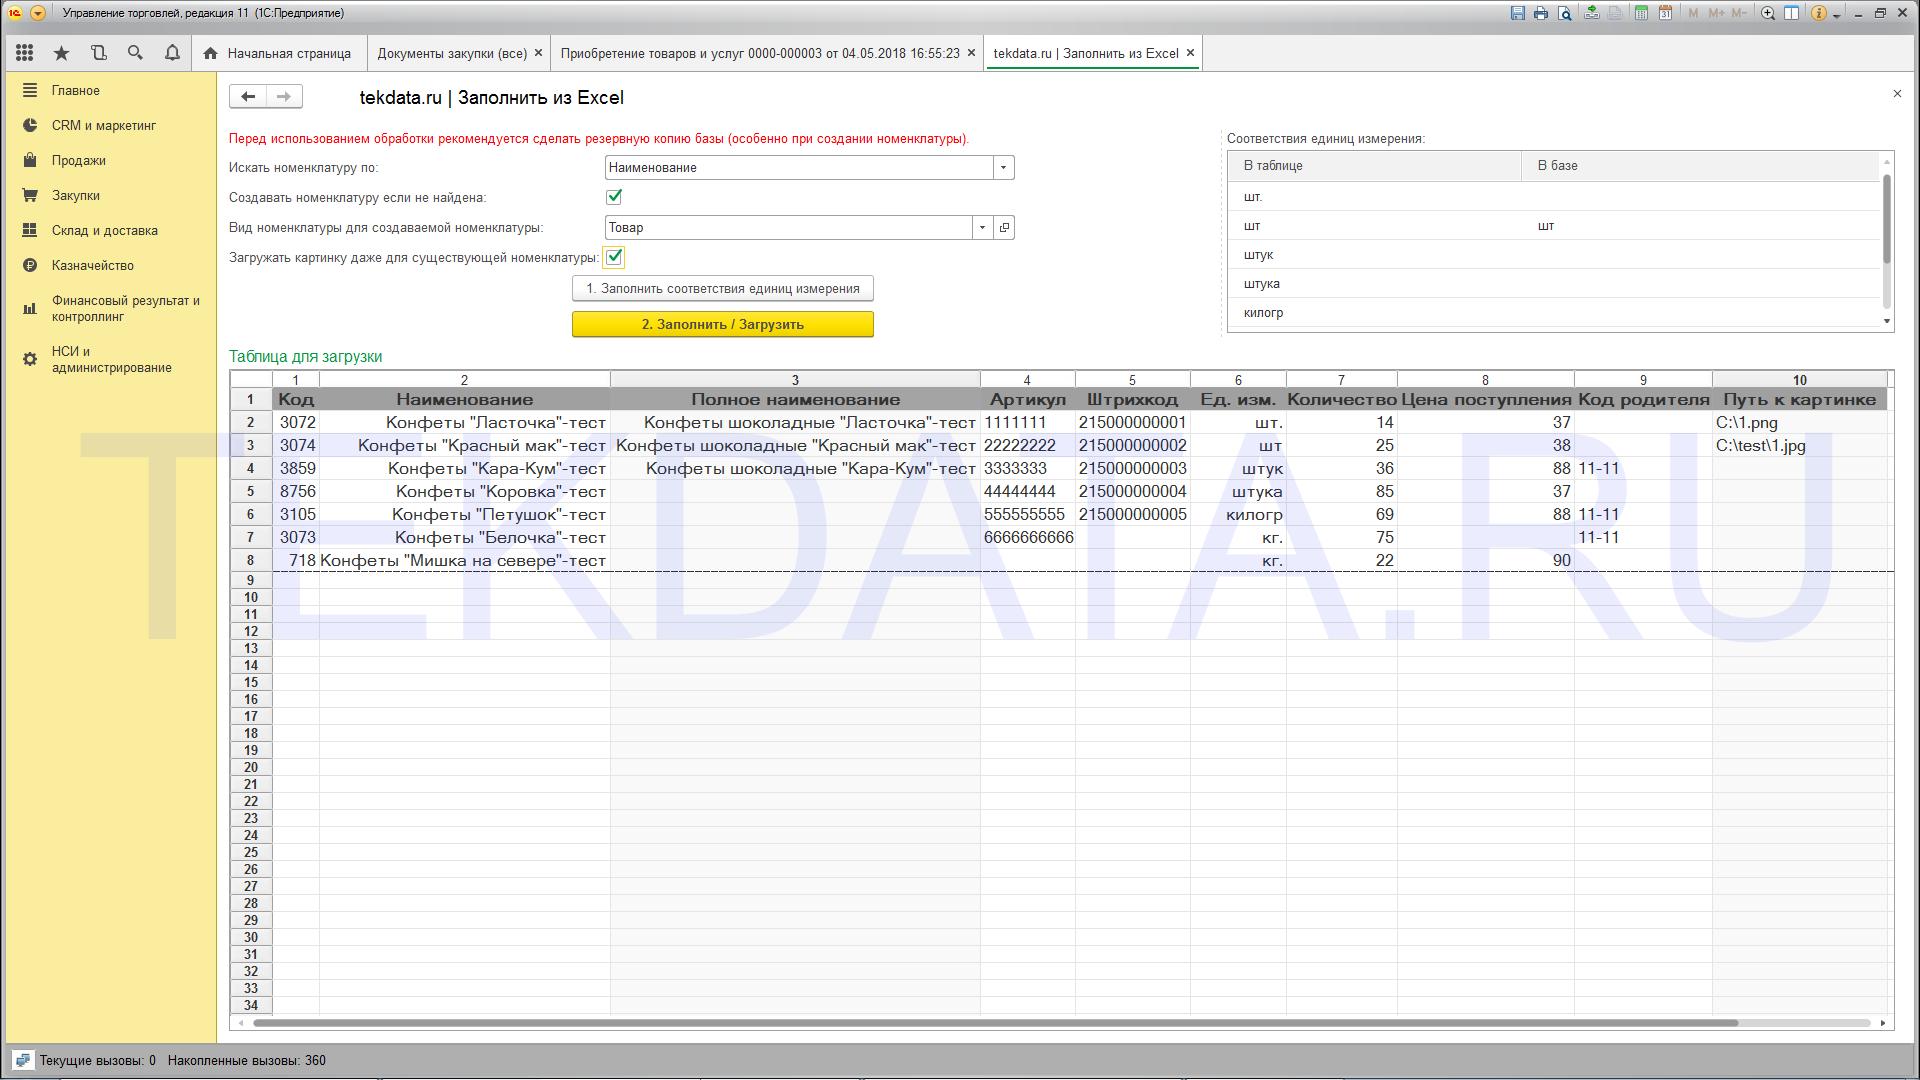 Заполнение документа Приобретение товаров и услуг из Excel с возможностью загрузки картинок для 1С:УТ 11.4 (Внешняя обработка)